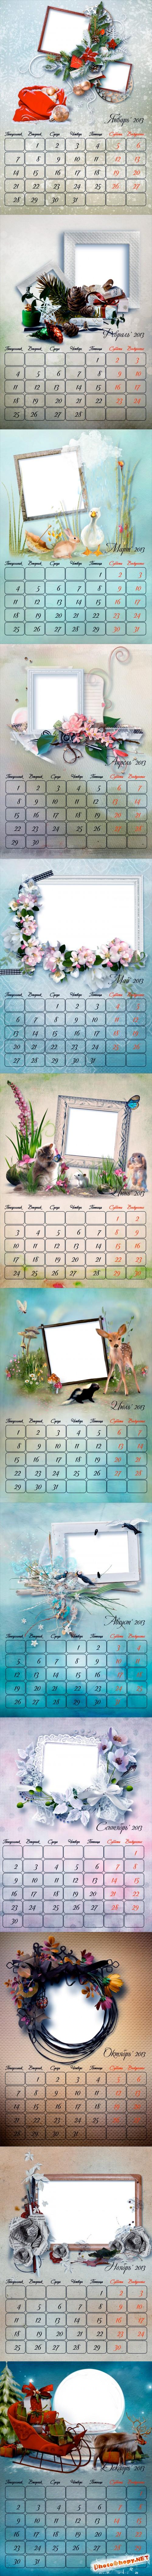 Перекидной календарь 2013